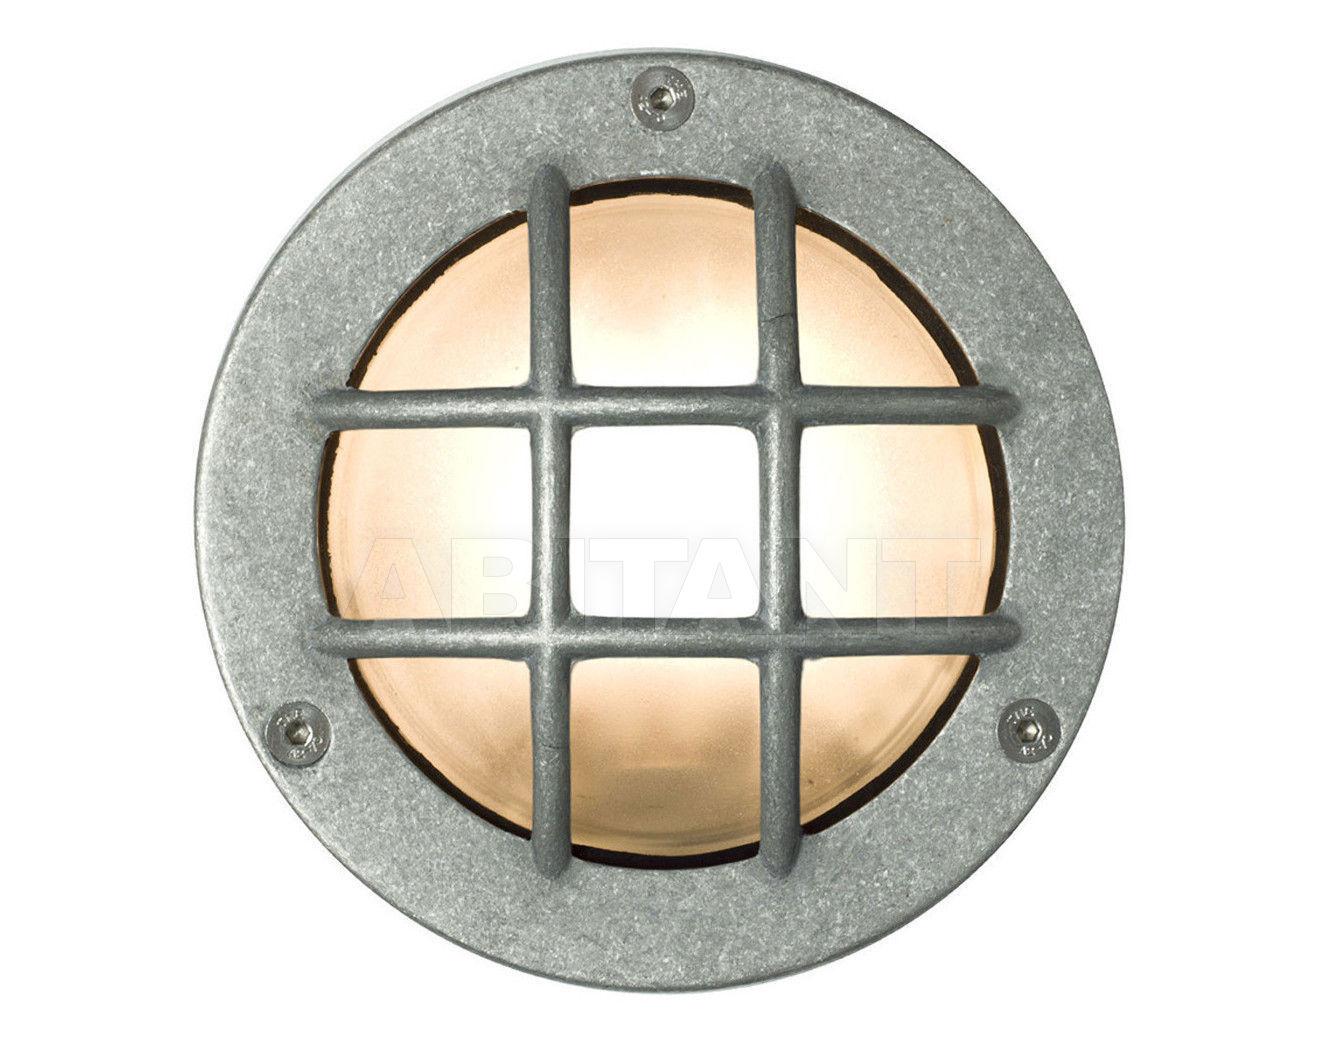 Купить Светильник Davey Lighting Bulkhead Lights 8038/AL/GX53